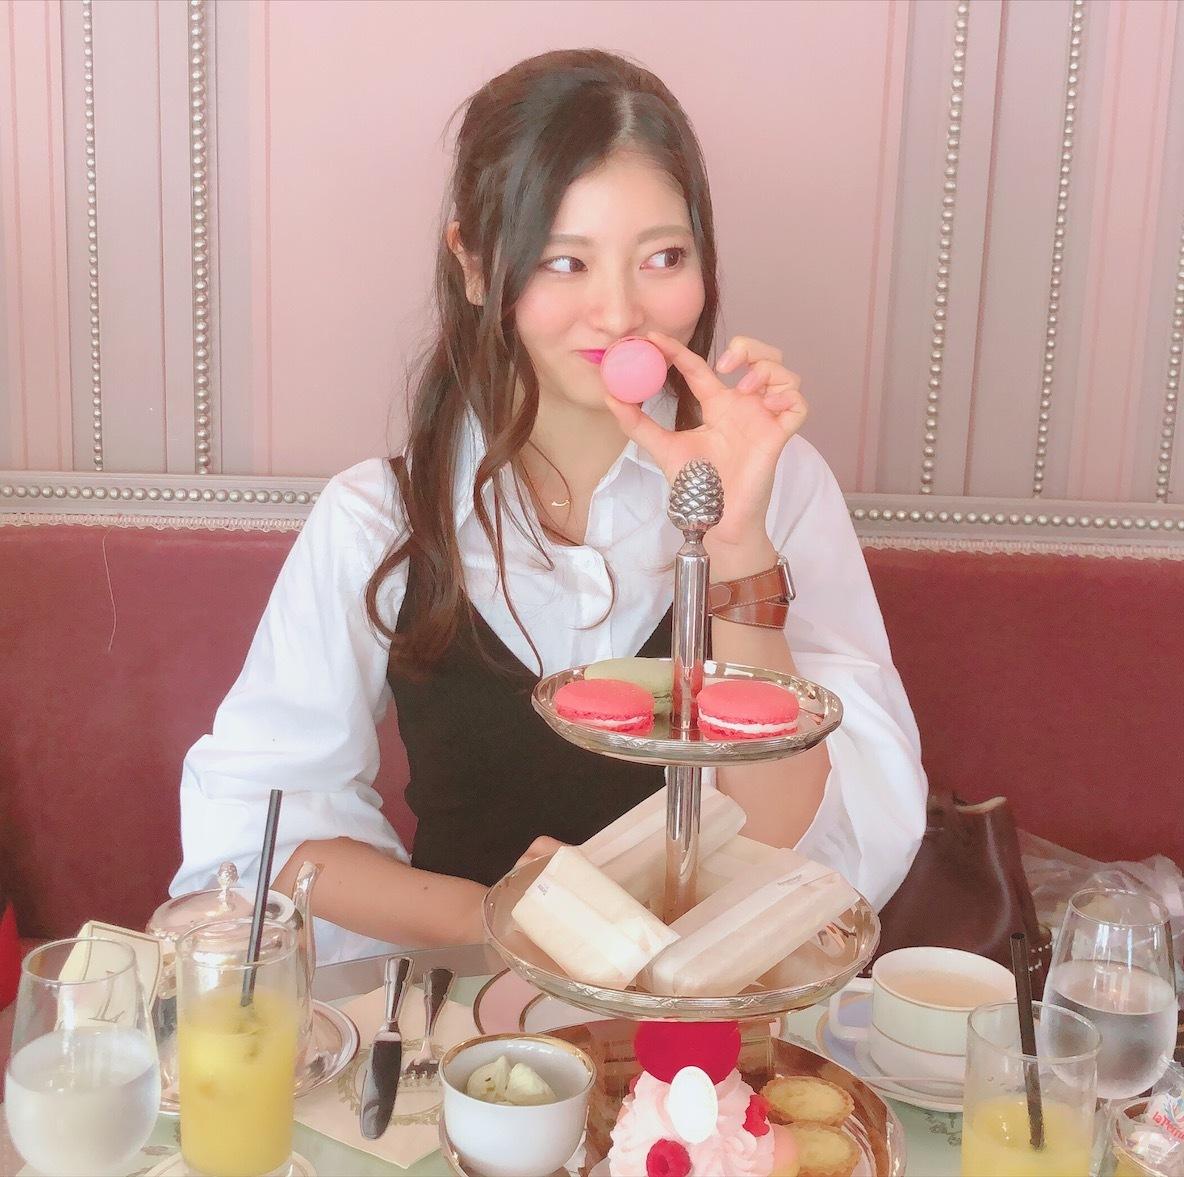 【銀座】LADUREE Caffe _1_3-2